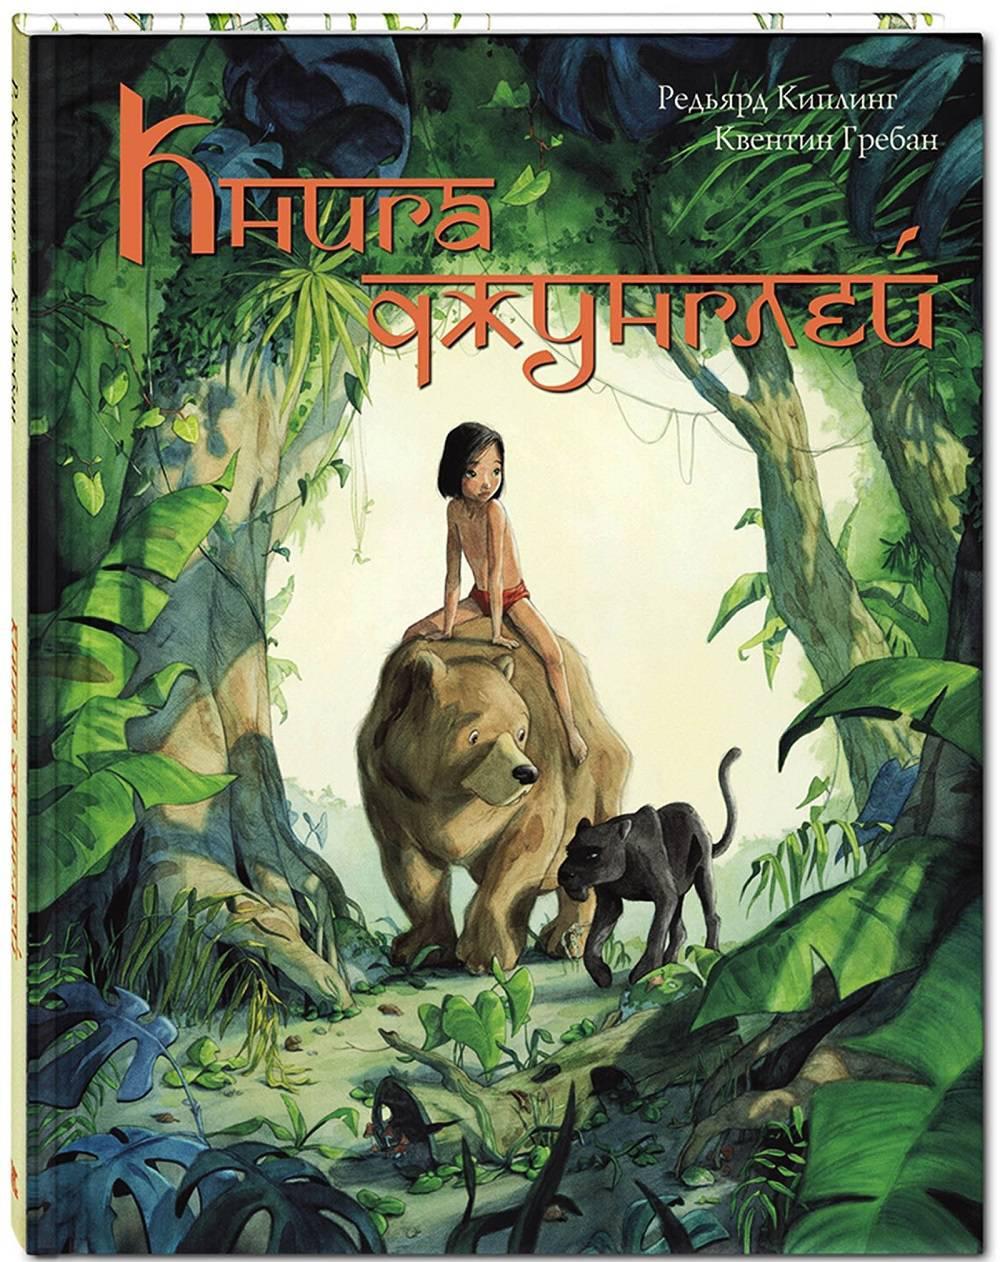 Книга джунглей. История Маугли. Р. Киплинг